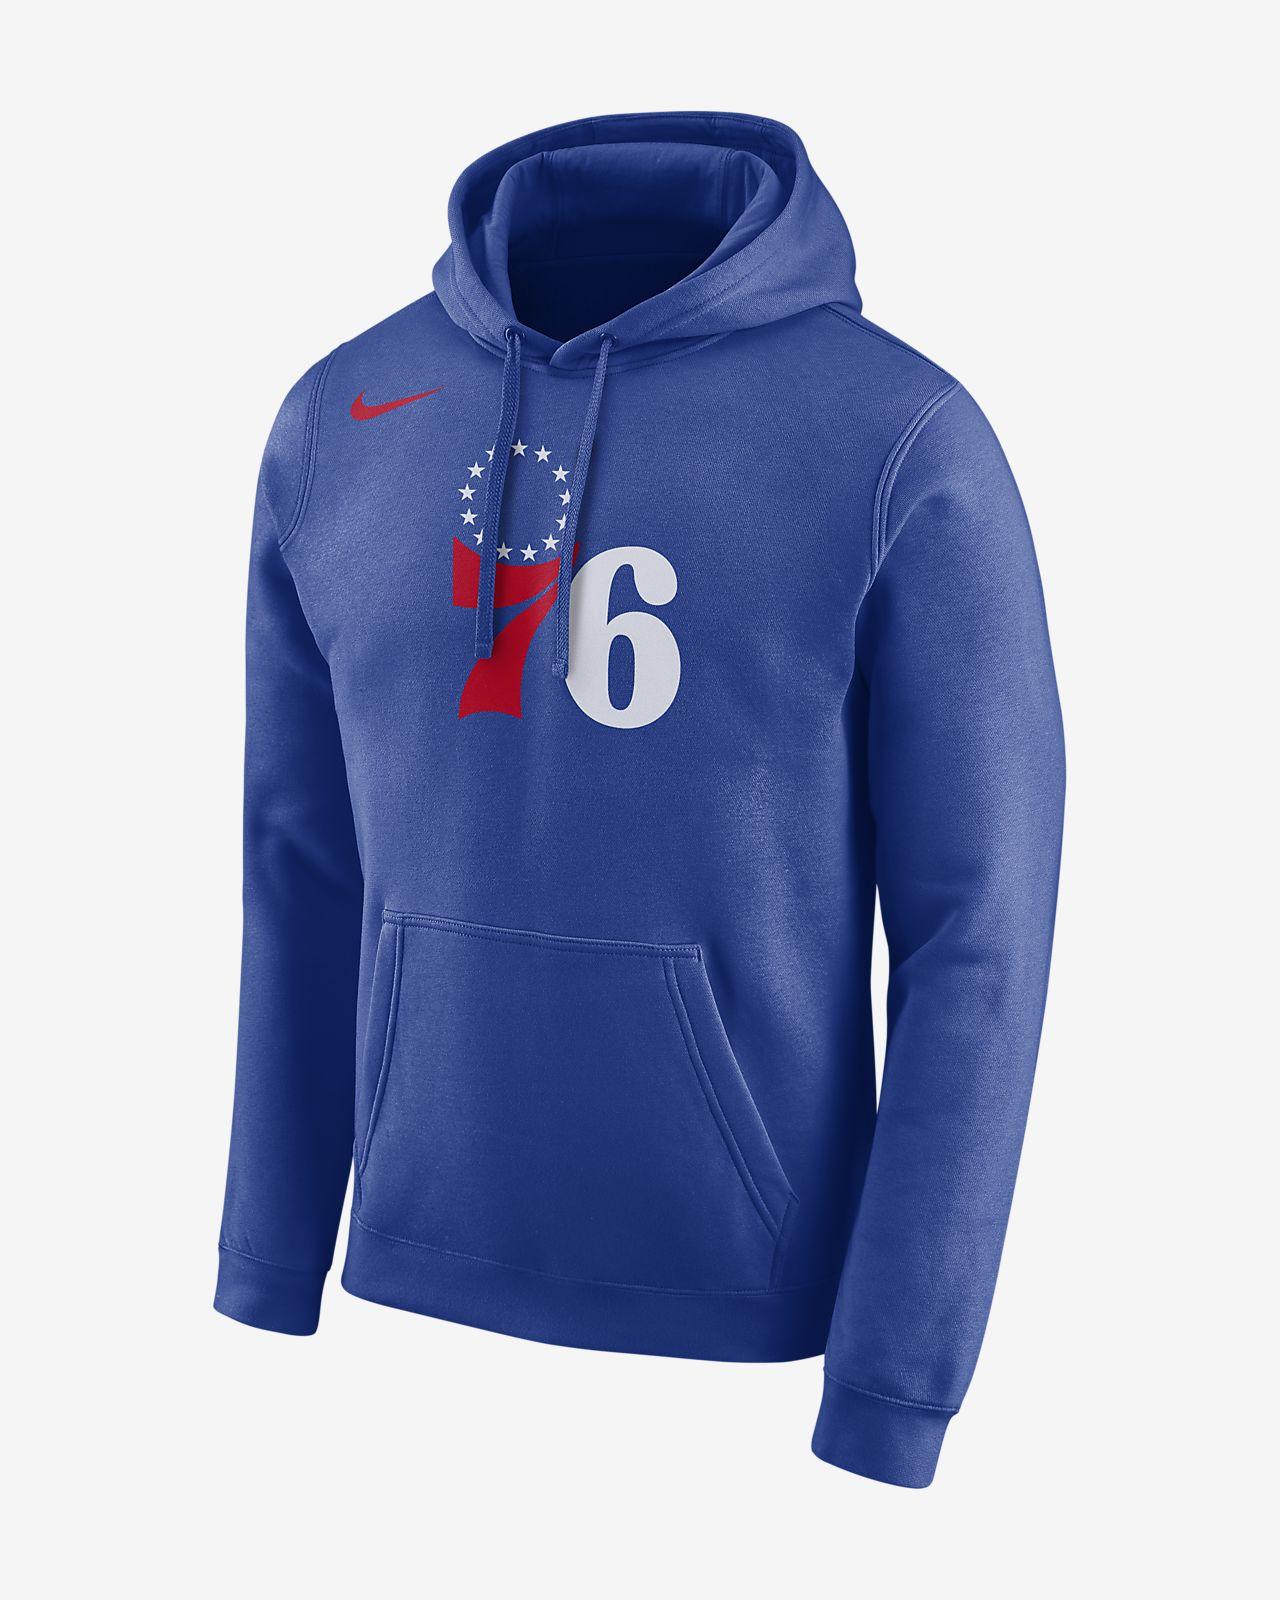 92387c37854 Philadelphia 76ers Nike Men's Logo NBA Hoodie. Nike.com